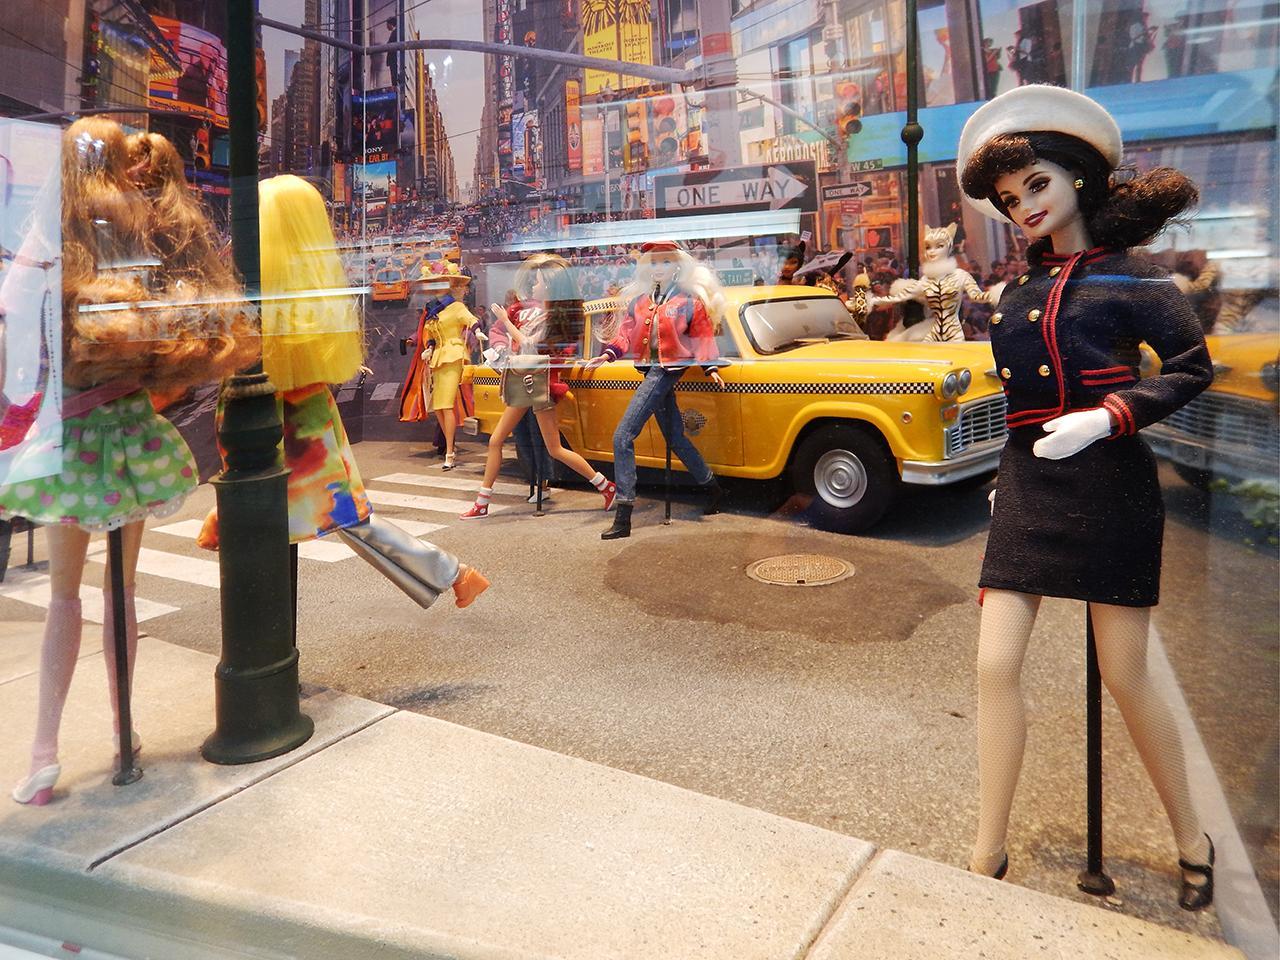 poupées dans un diorama représentant une scène de rue